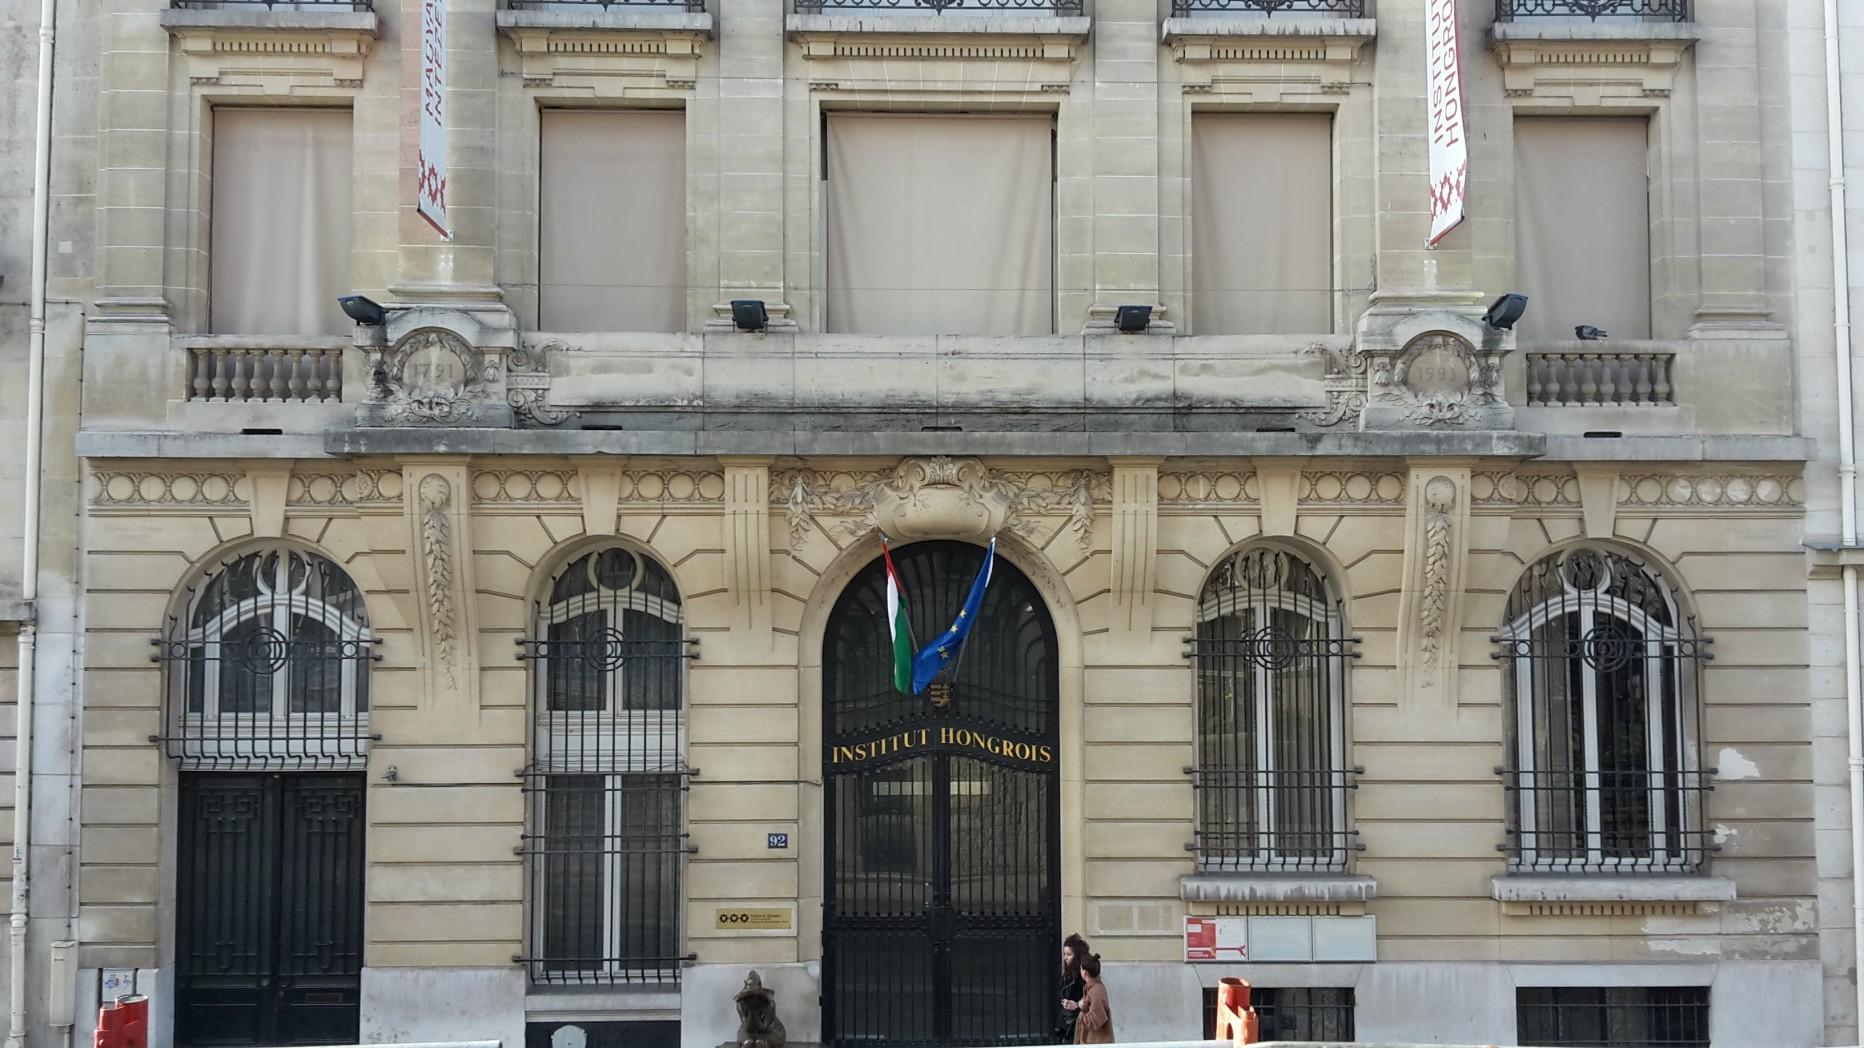 Institut hongrois – Collegium Hungaricum